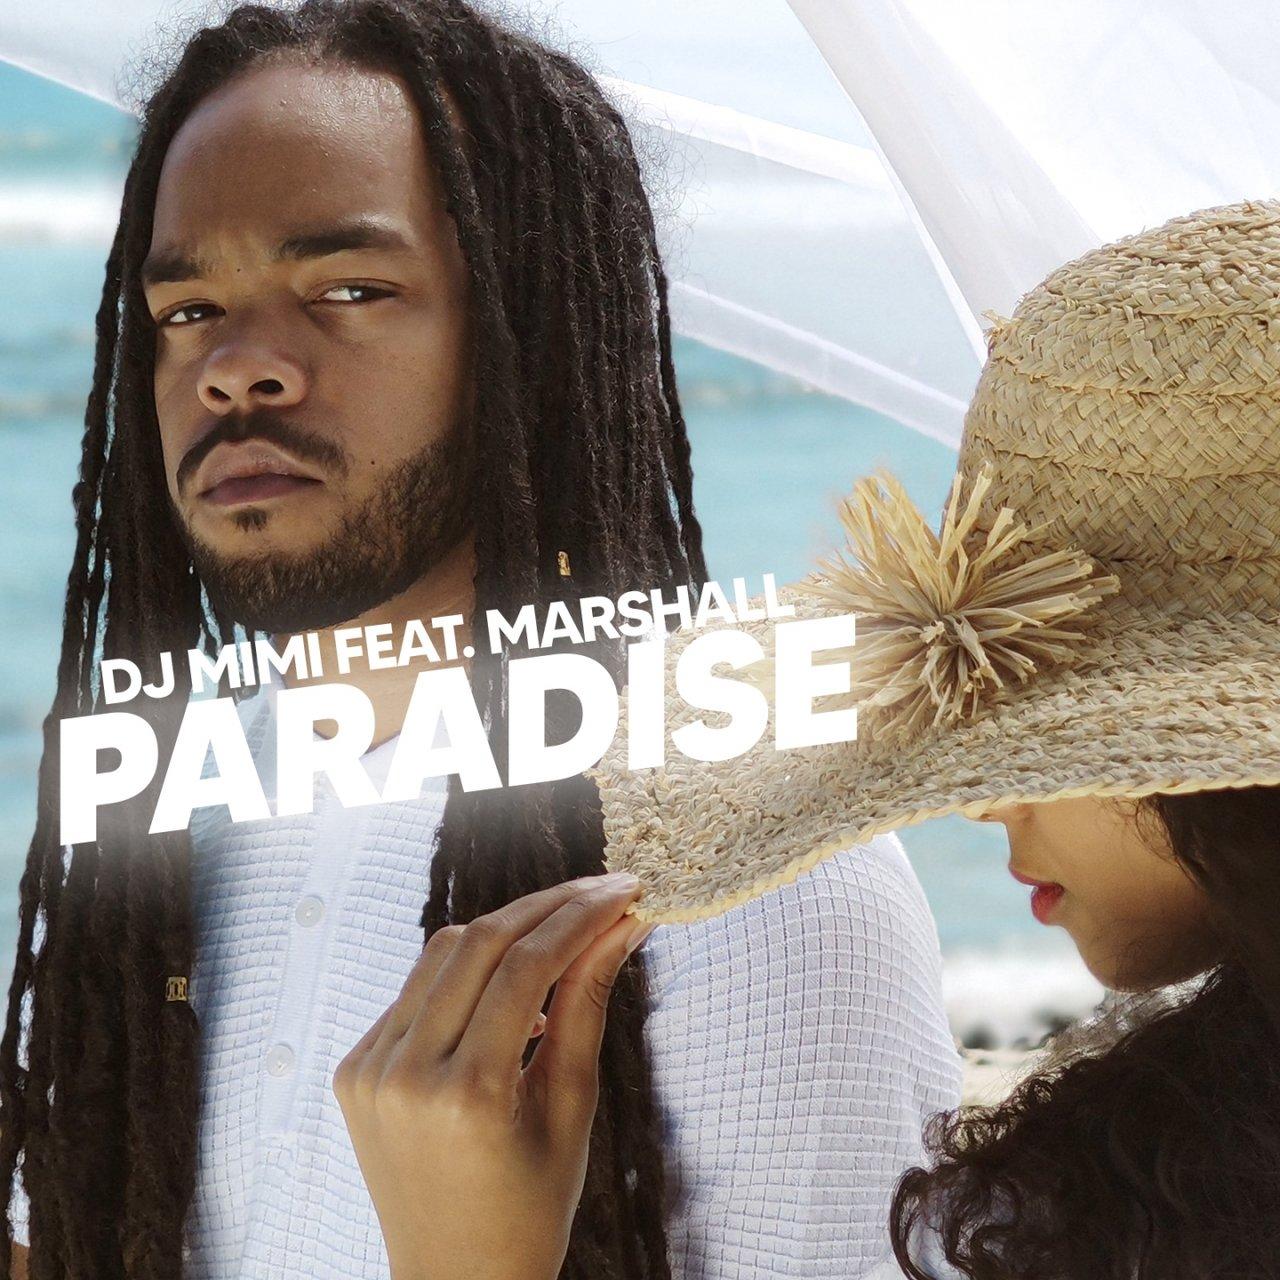 DJ Mimi - Paradise (ft. Marshall) (Cover)